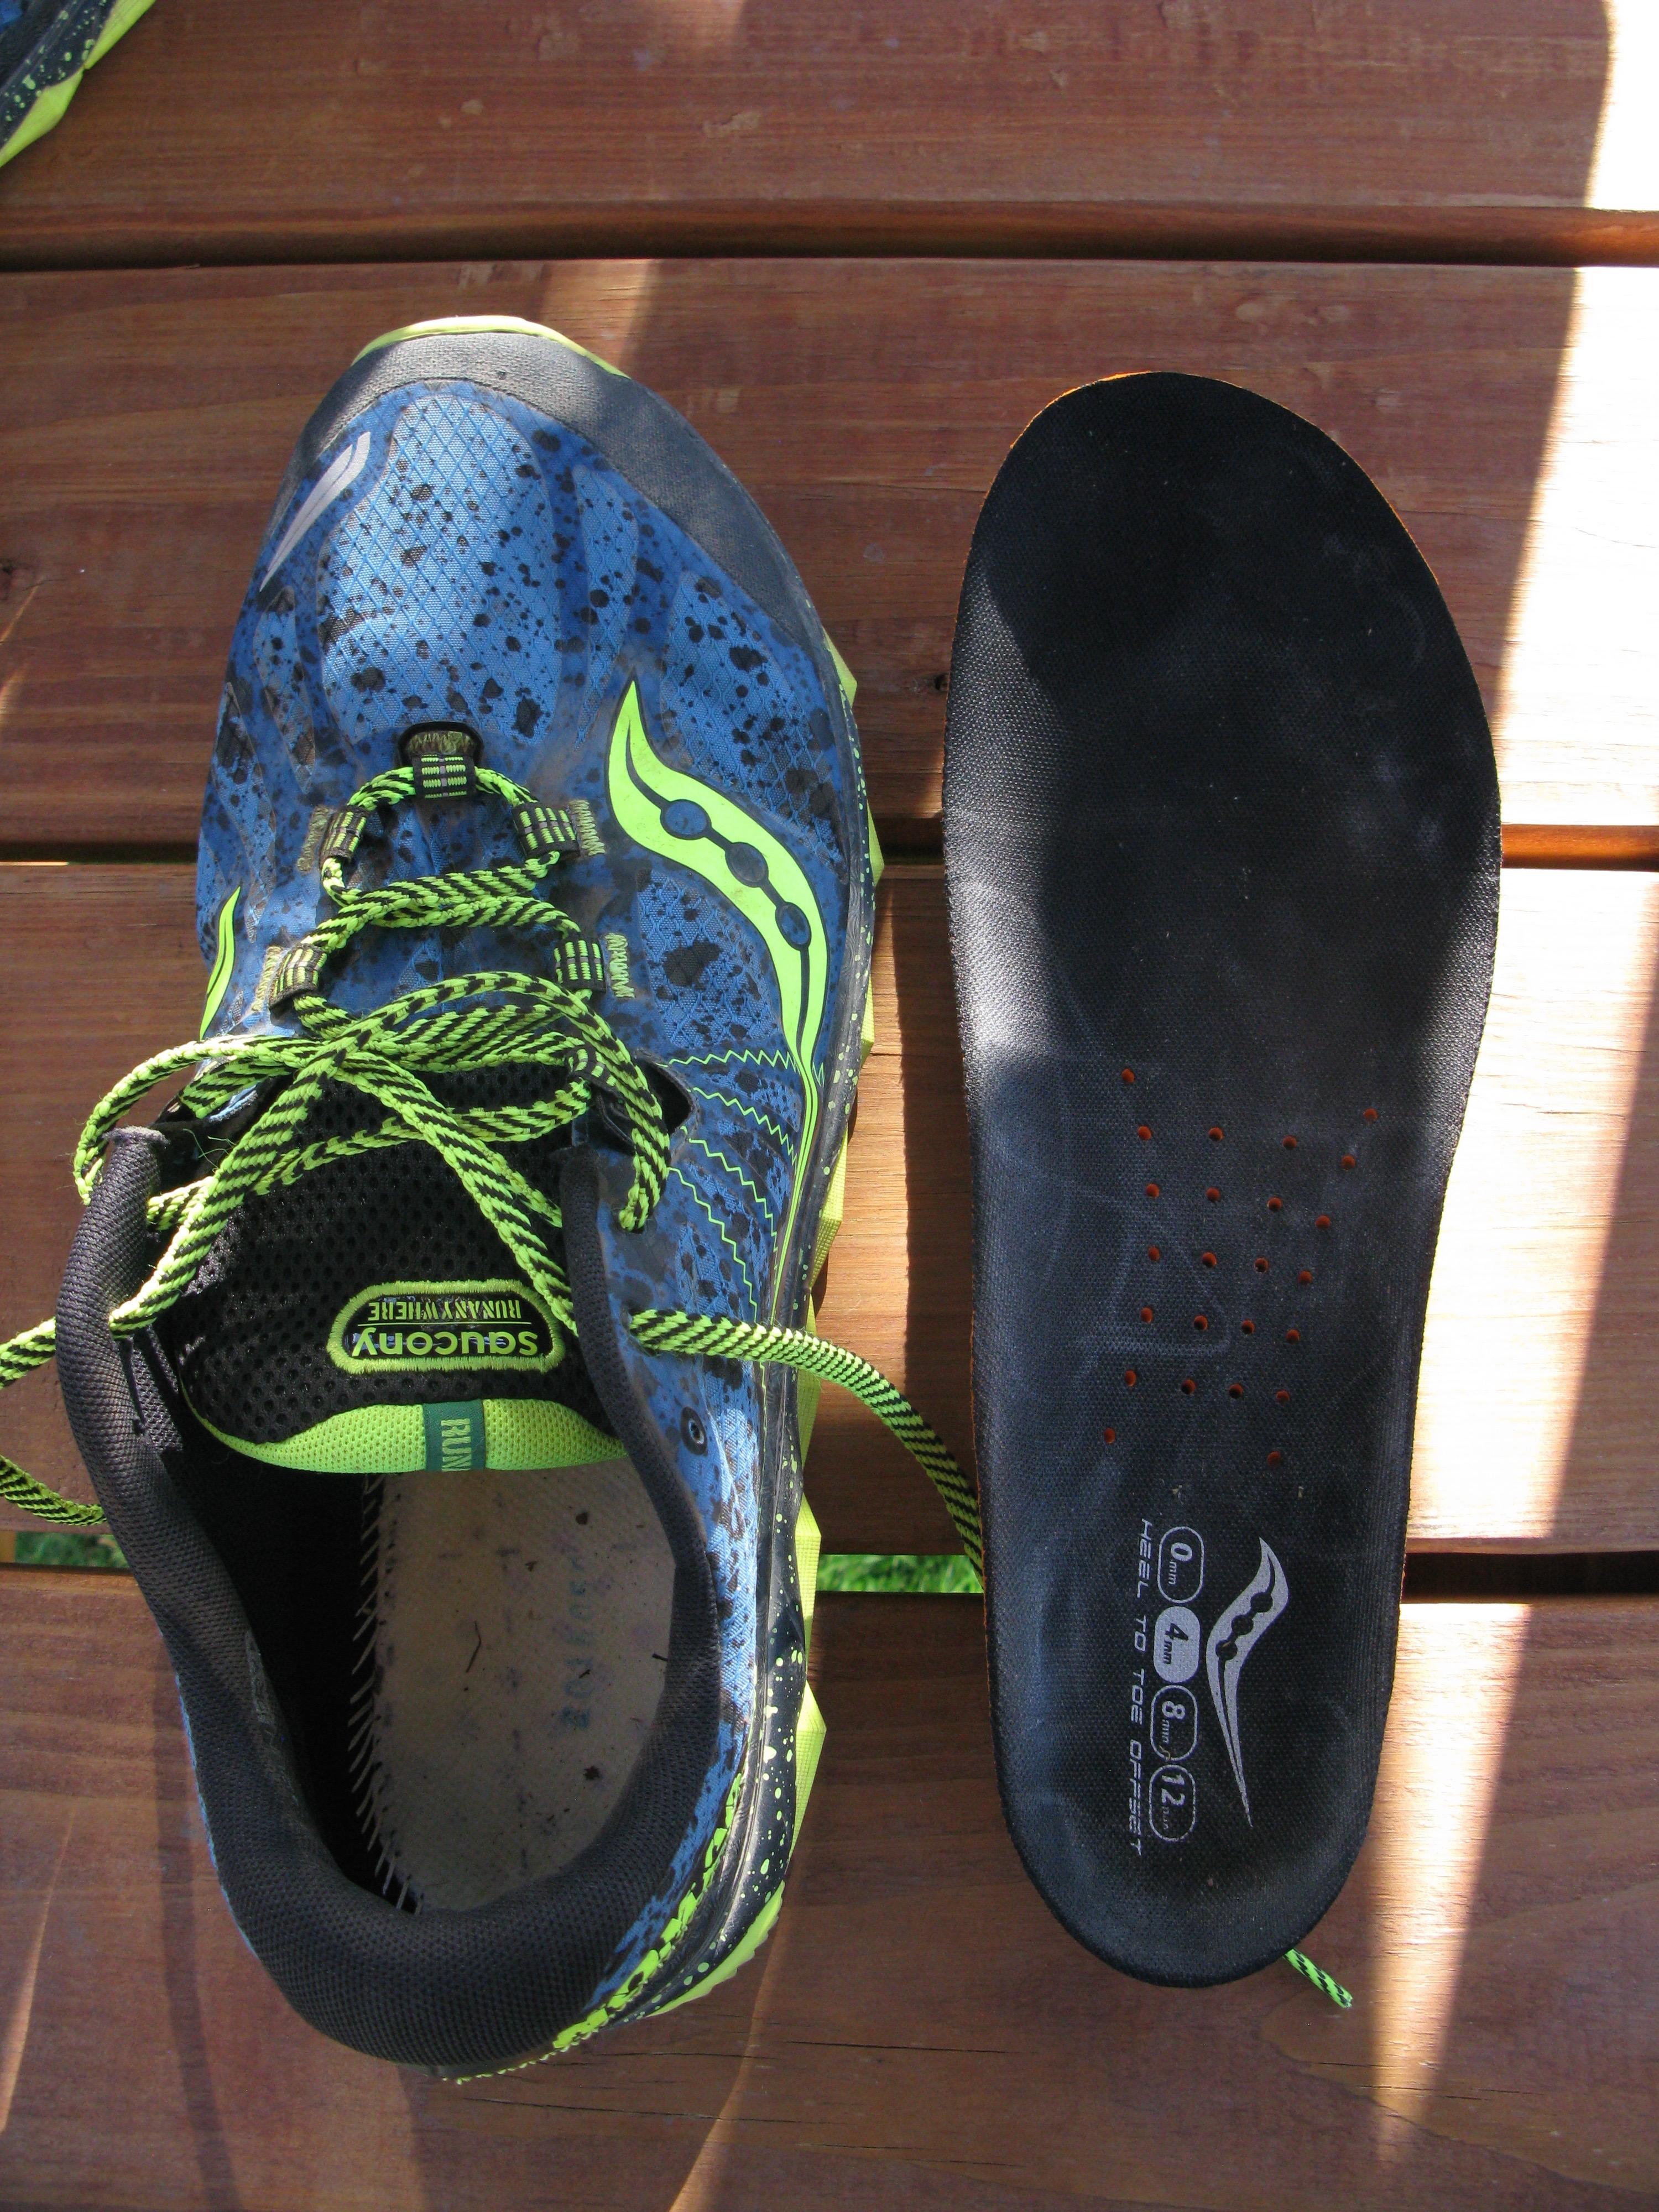 Saucony Nomad TR Trail Shoe Review 72c38a34c